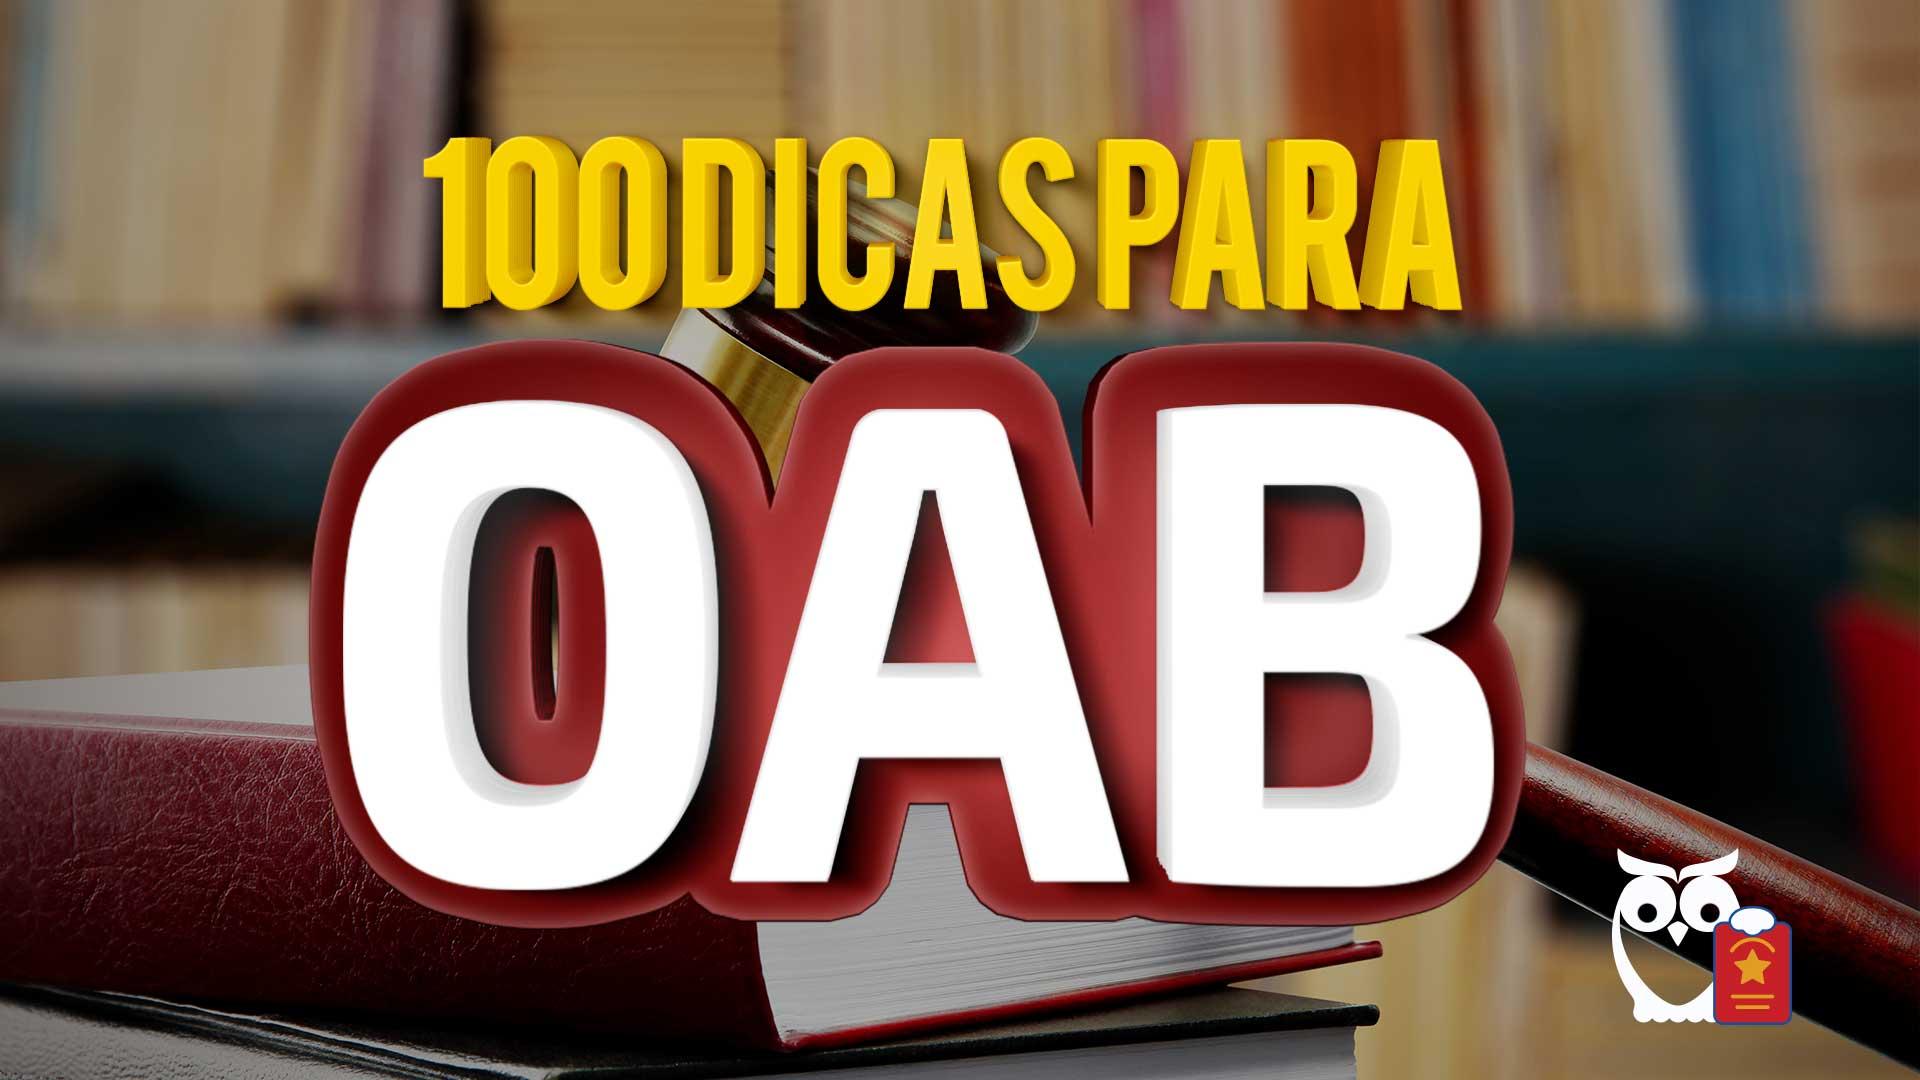 100 dicas para oab